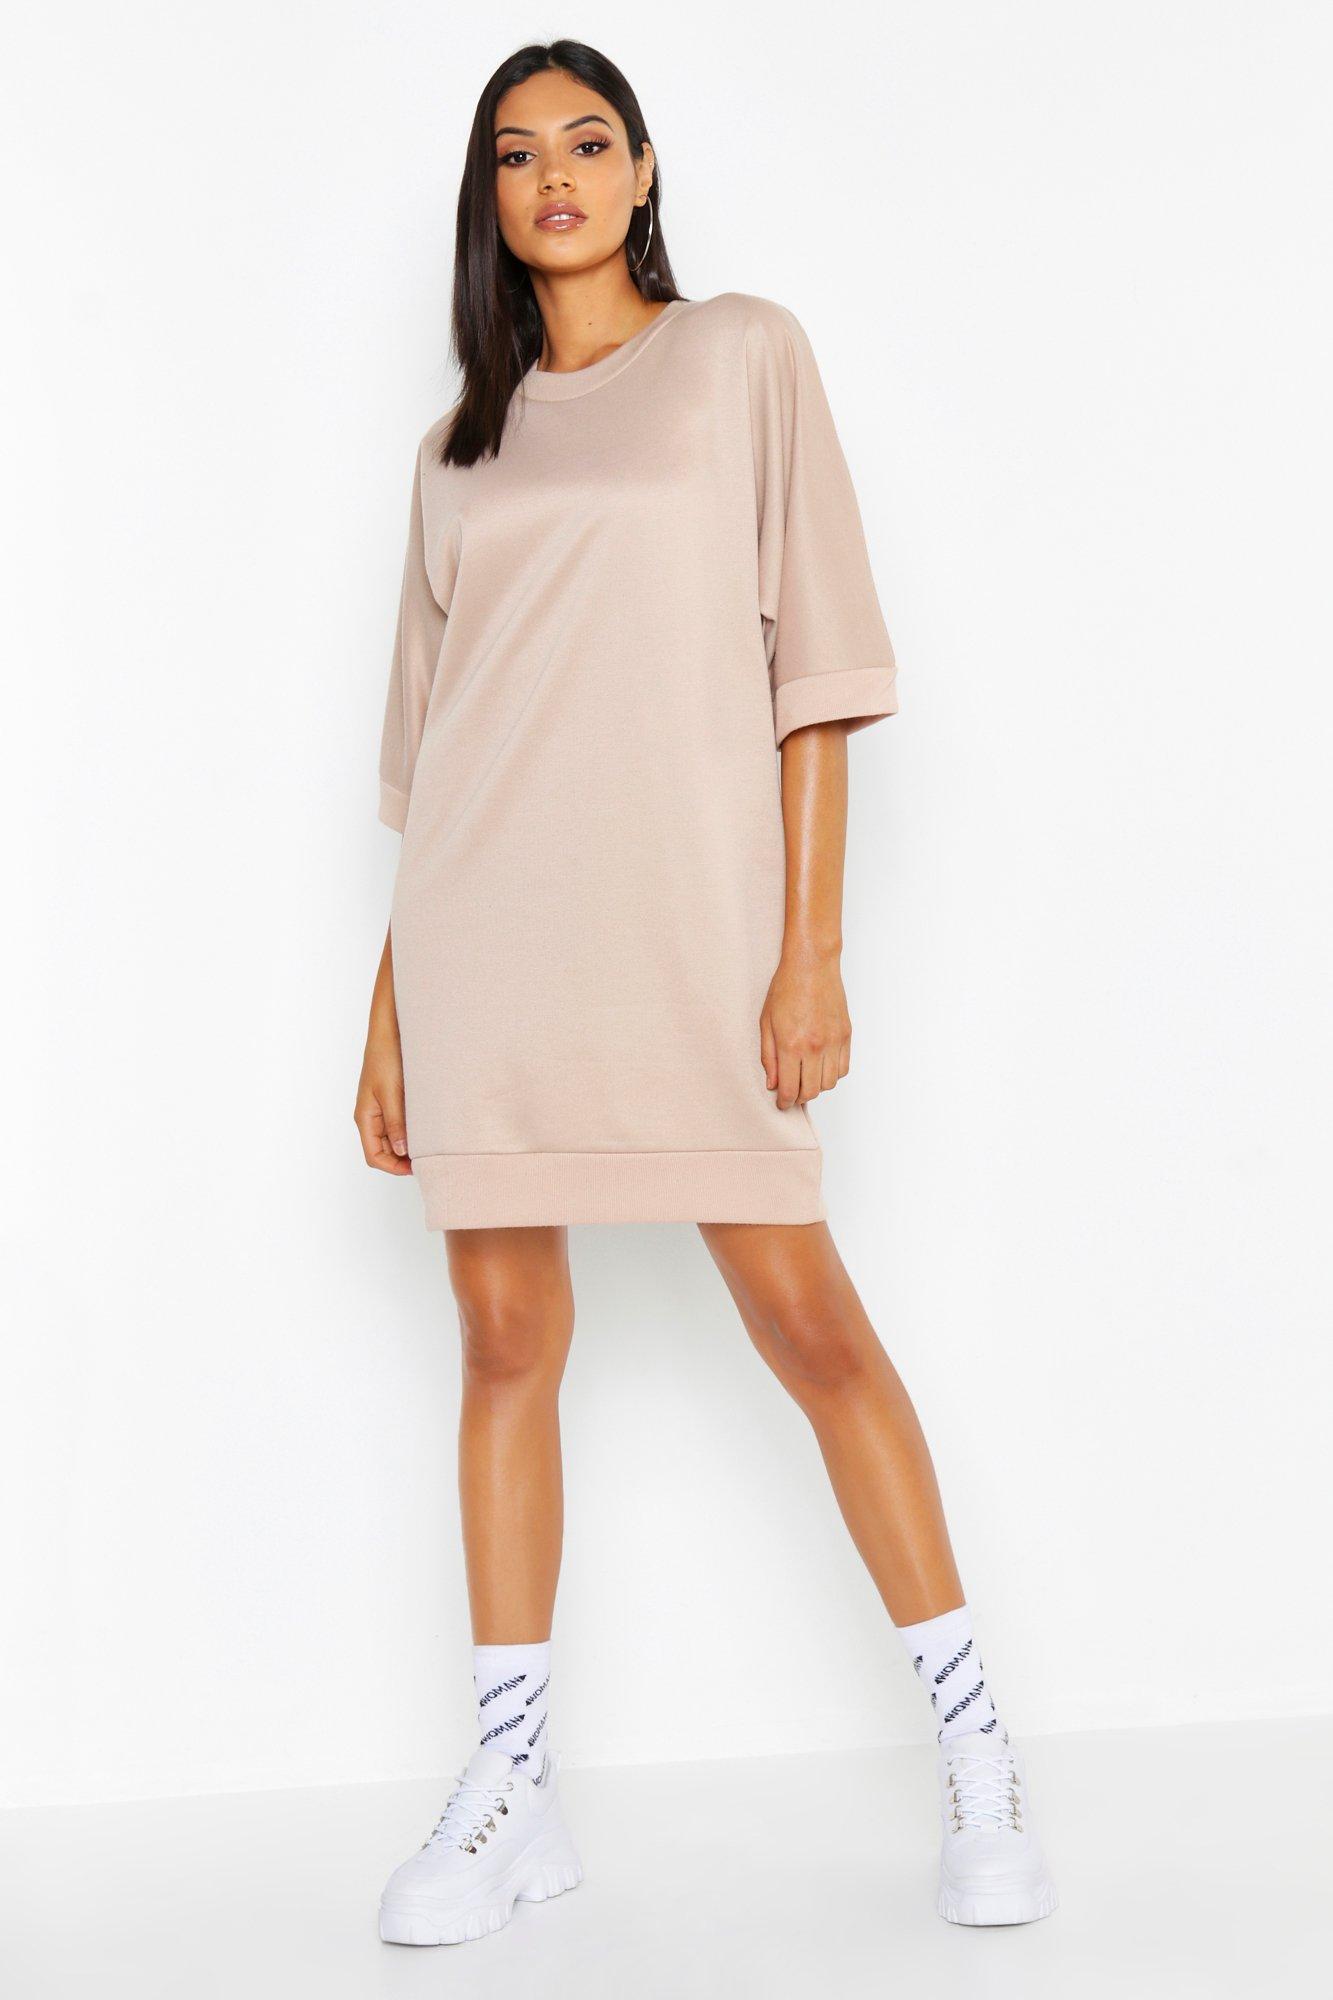 Купить К нам поступают платья, Из коллекции <Tall> Спортивное платье оверсайз с закругленной спинкой, boohoo